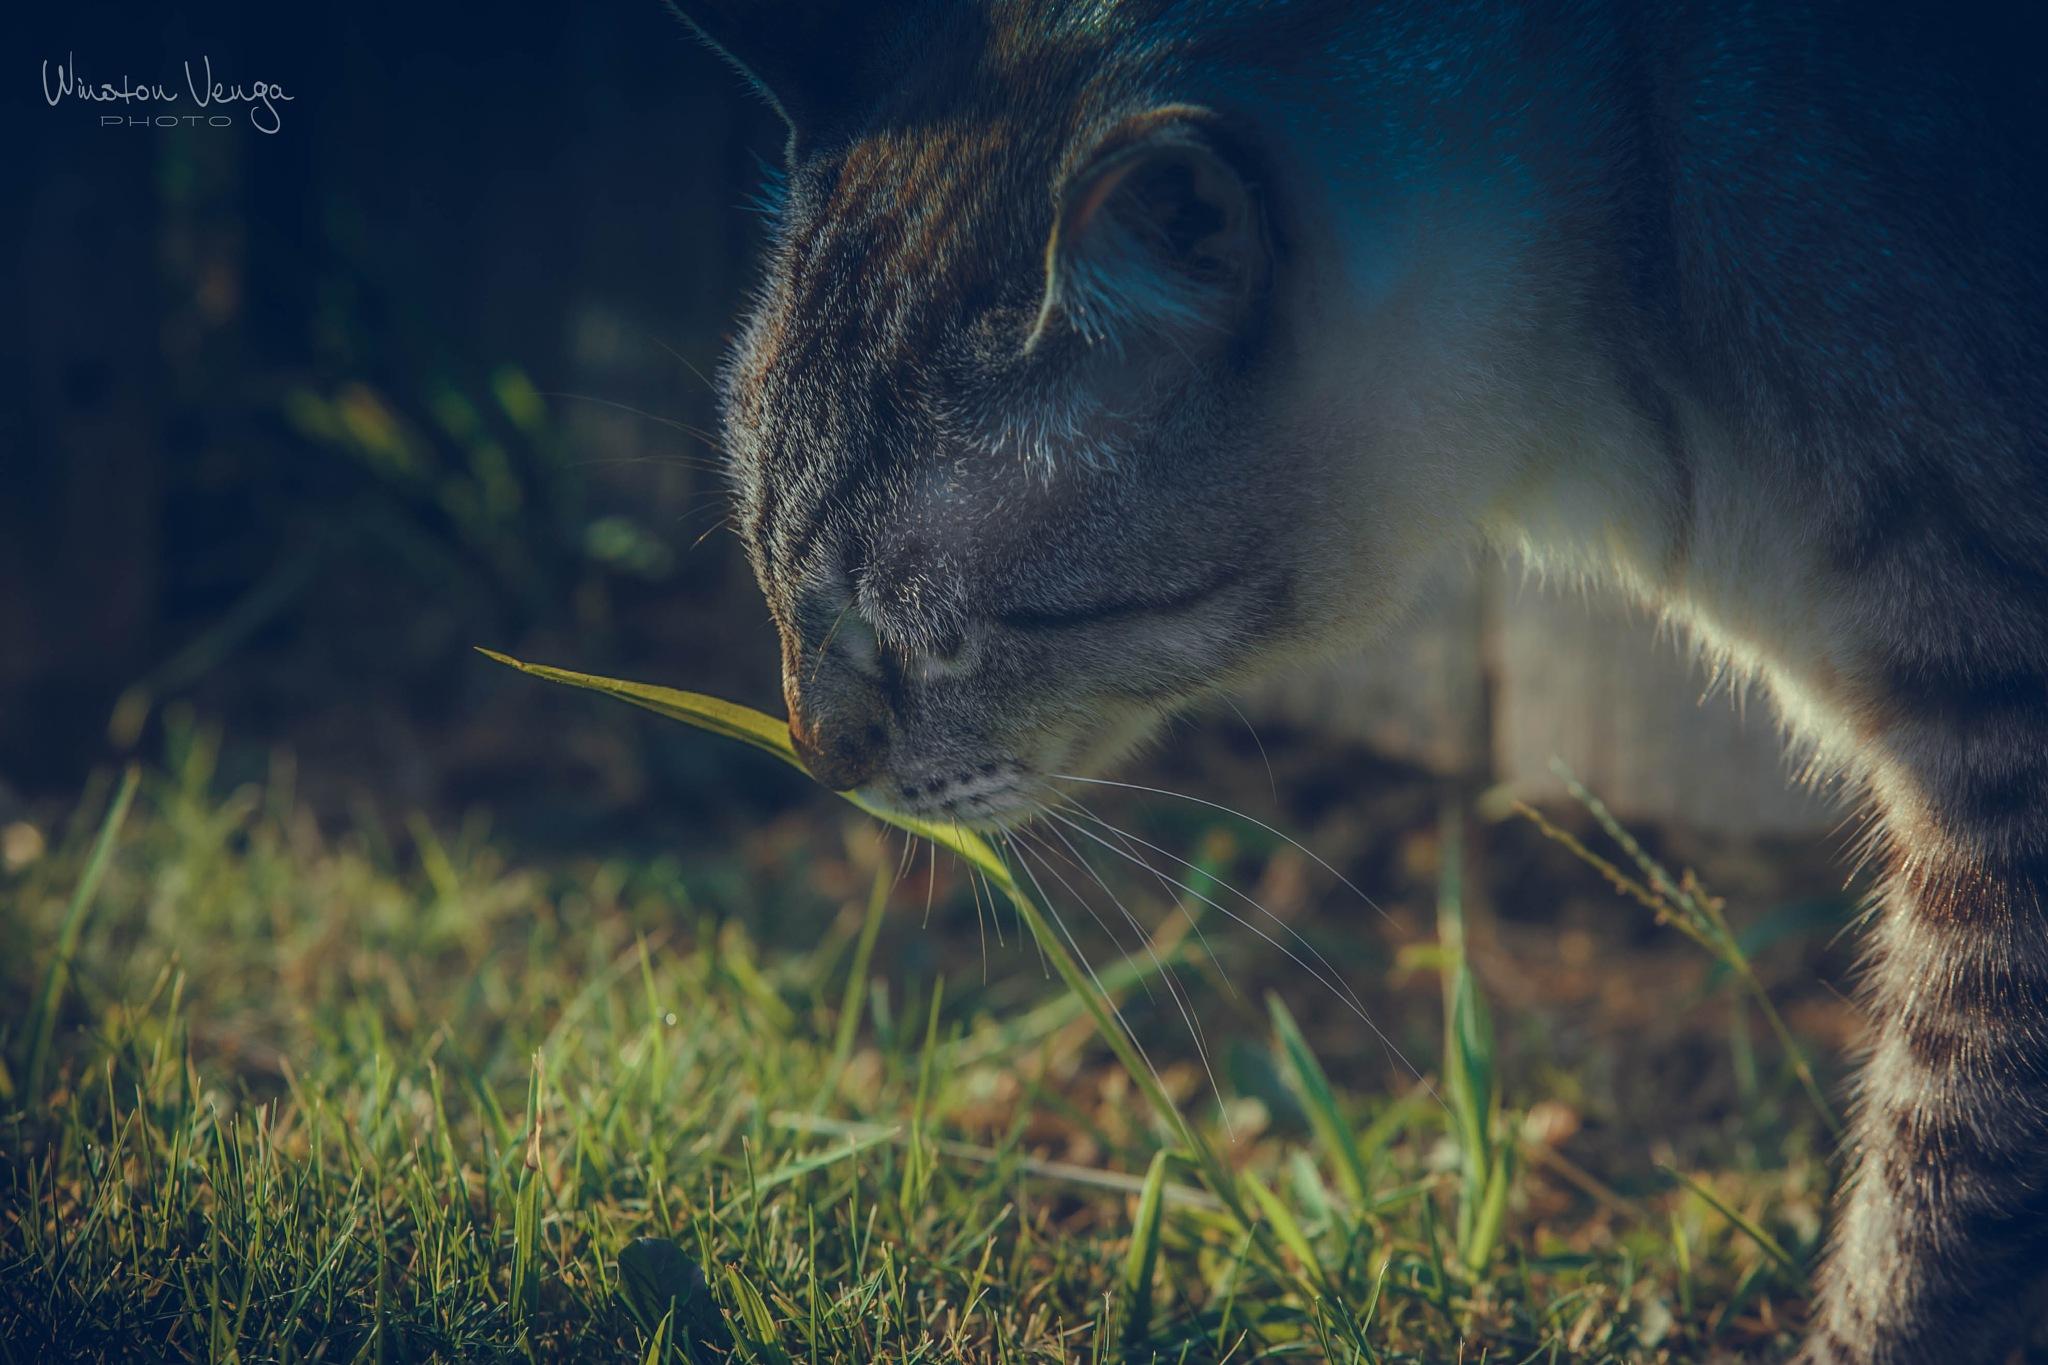 Gato Comendo Grama by Winston Venga